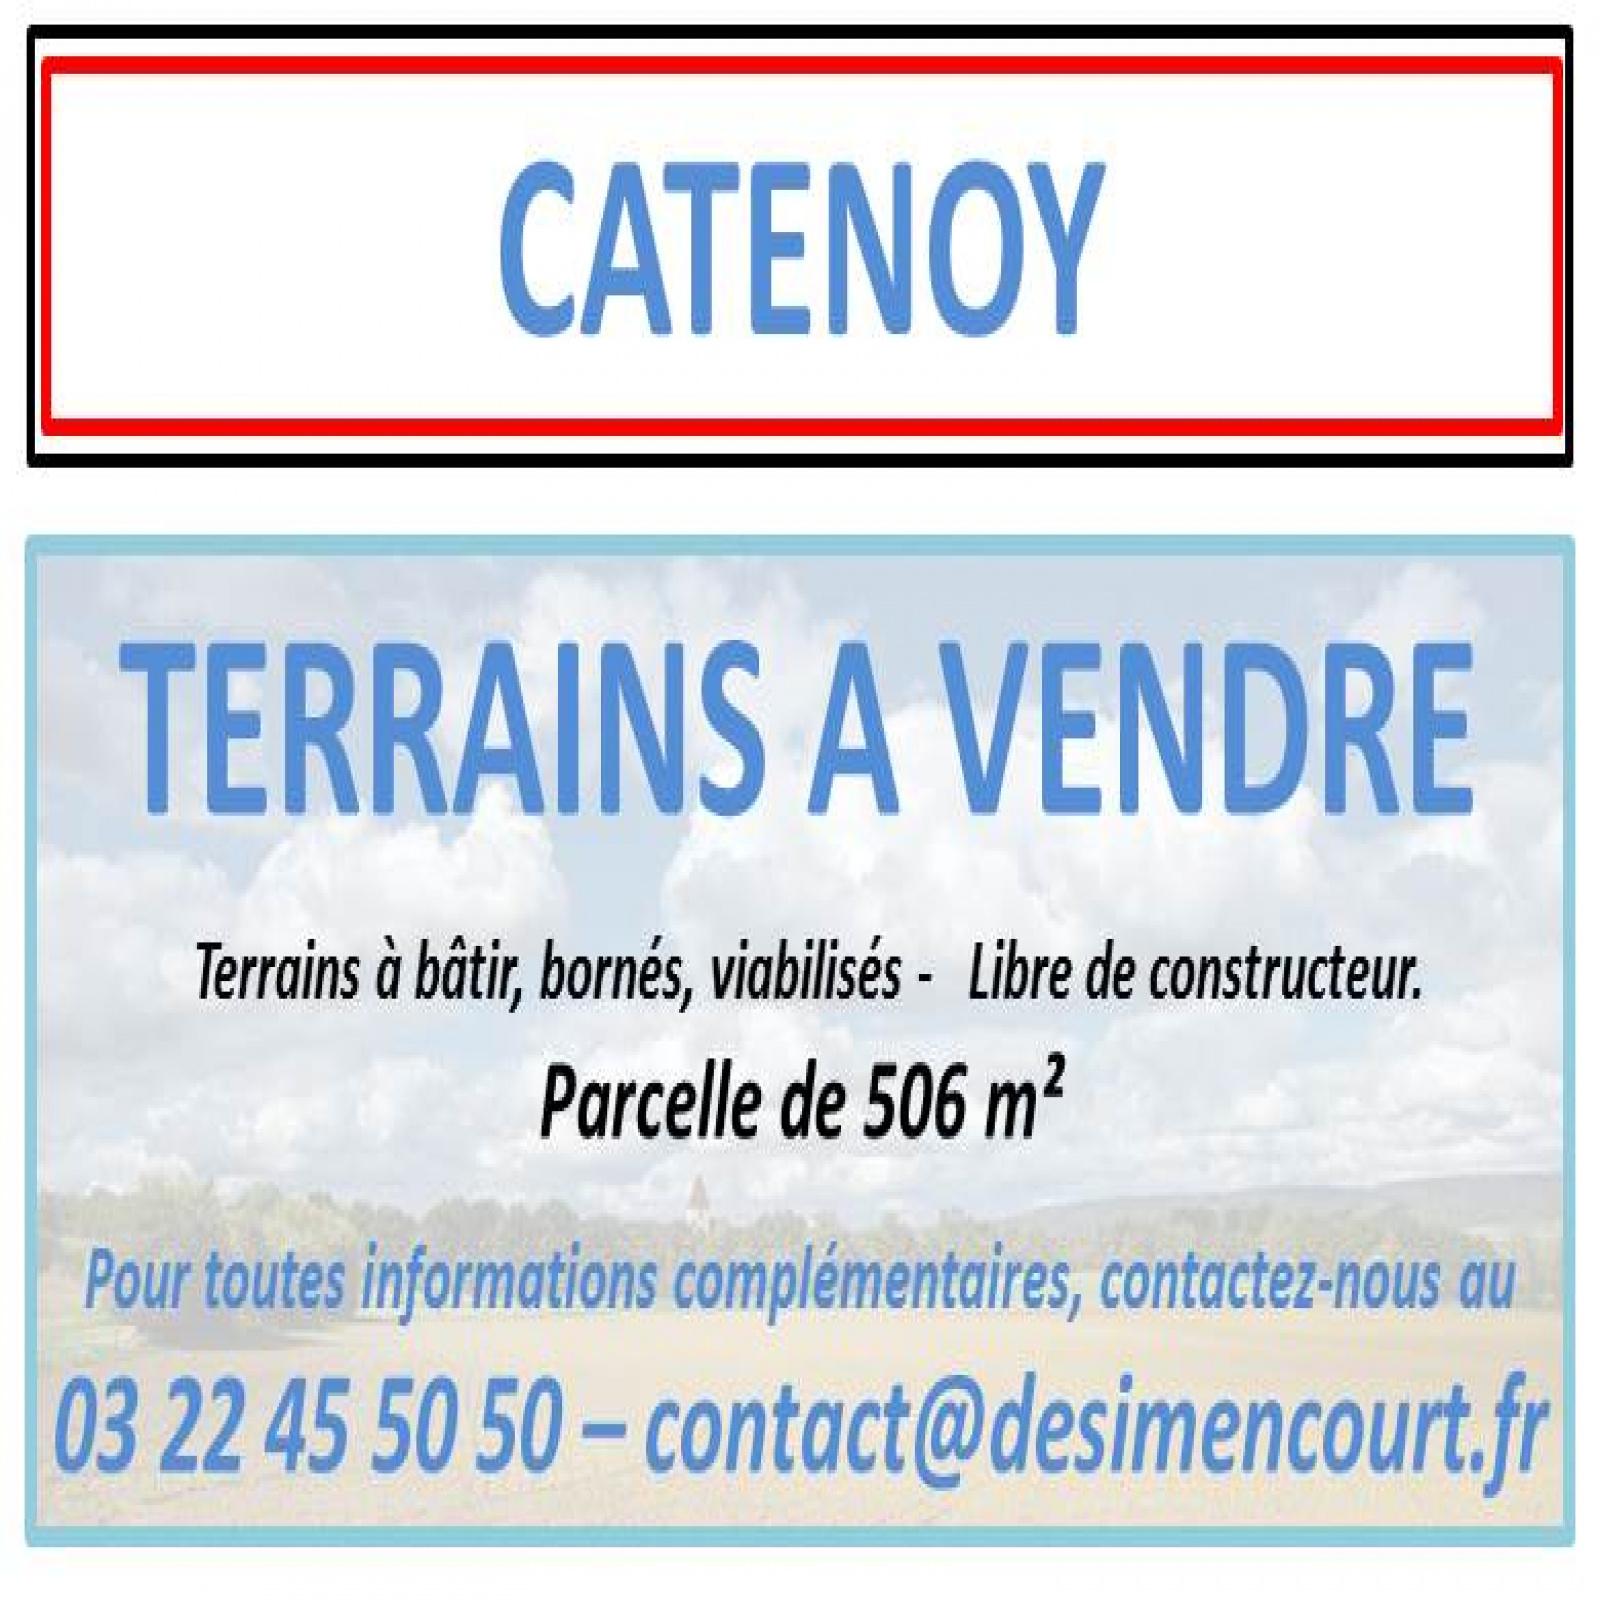 Image_, Terrain, Catenoy, ref :catenoy